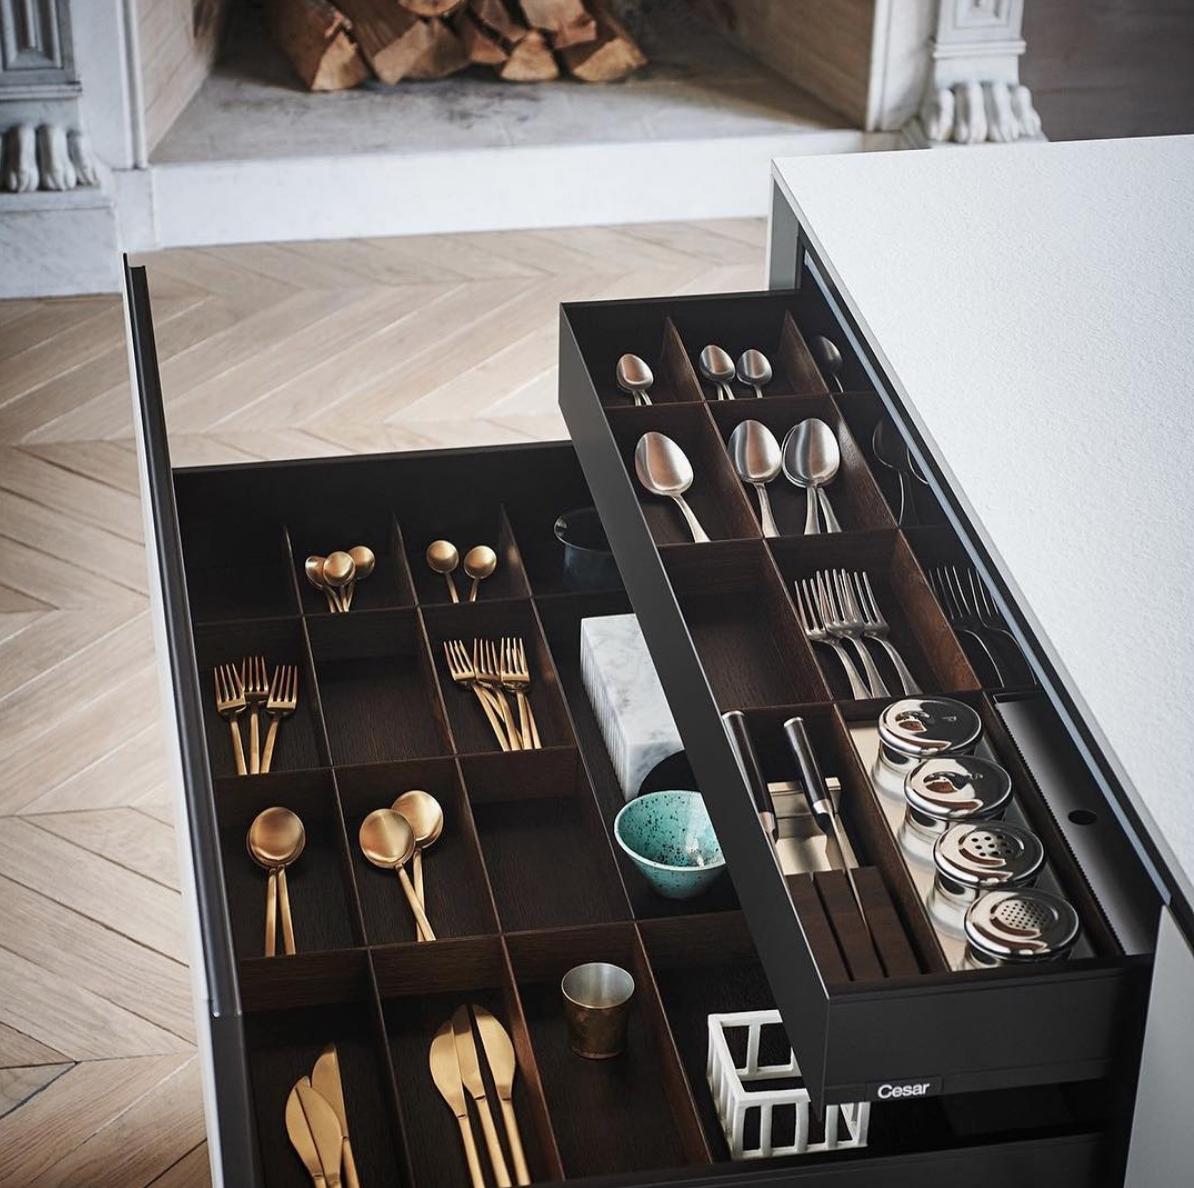 le design cesar chez thomas savary le buzz de rouen. Black Bedroom Furniture Sets. Home Design Ideas